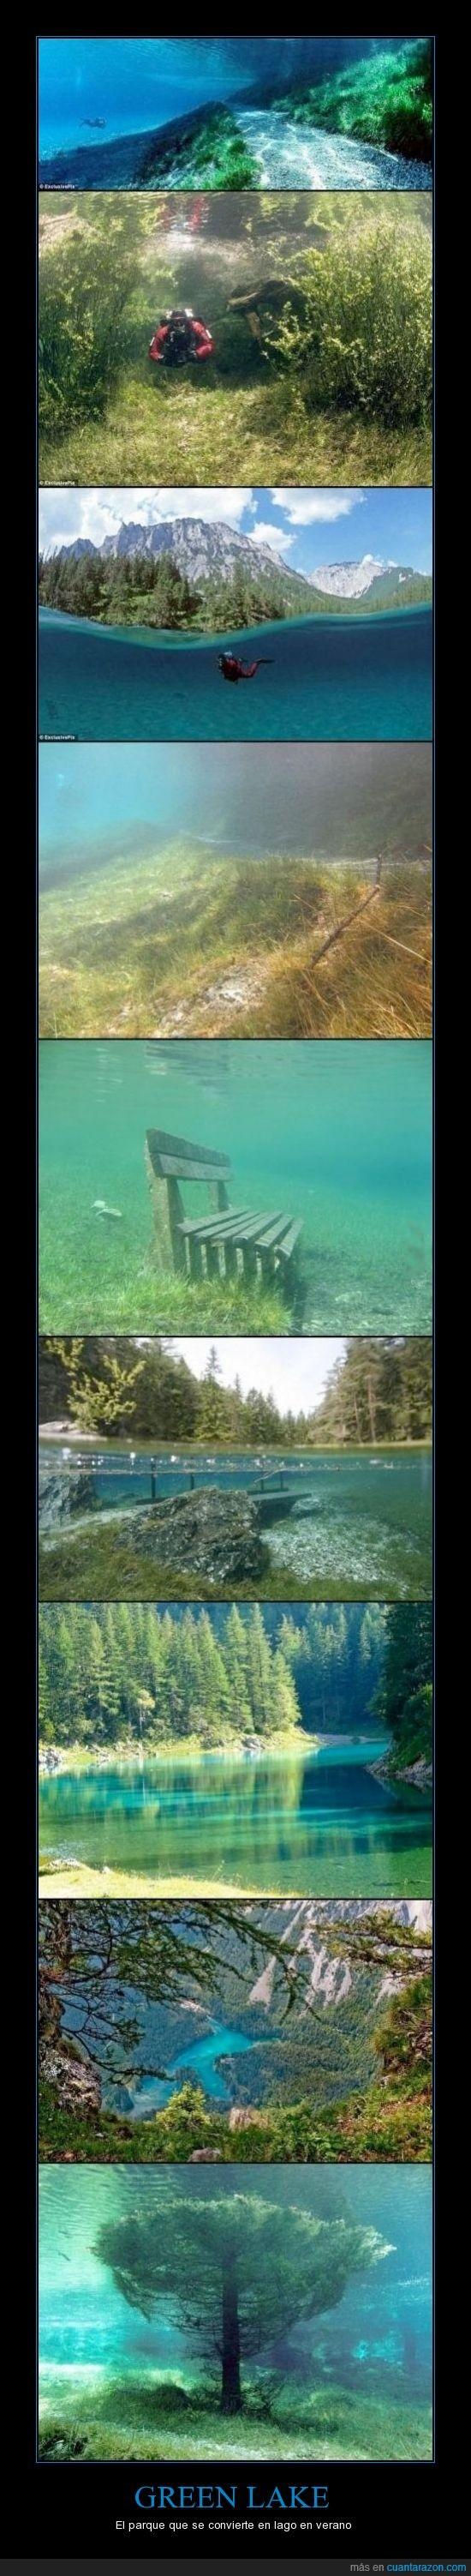 Green lake,invierno,lago,parque,verano